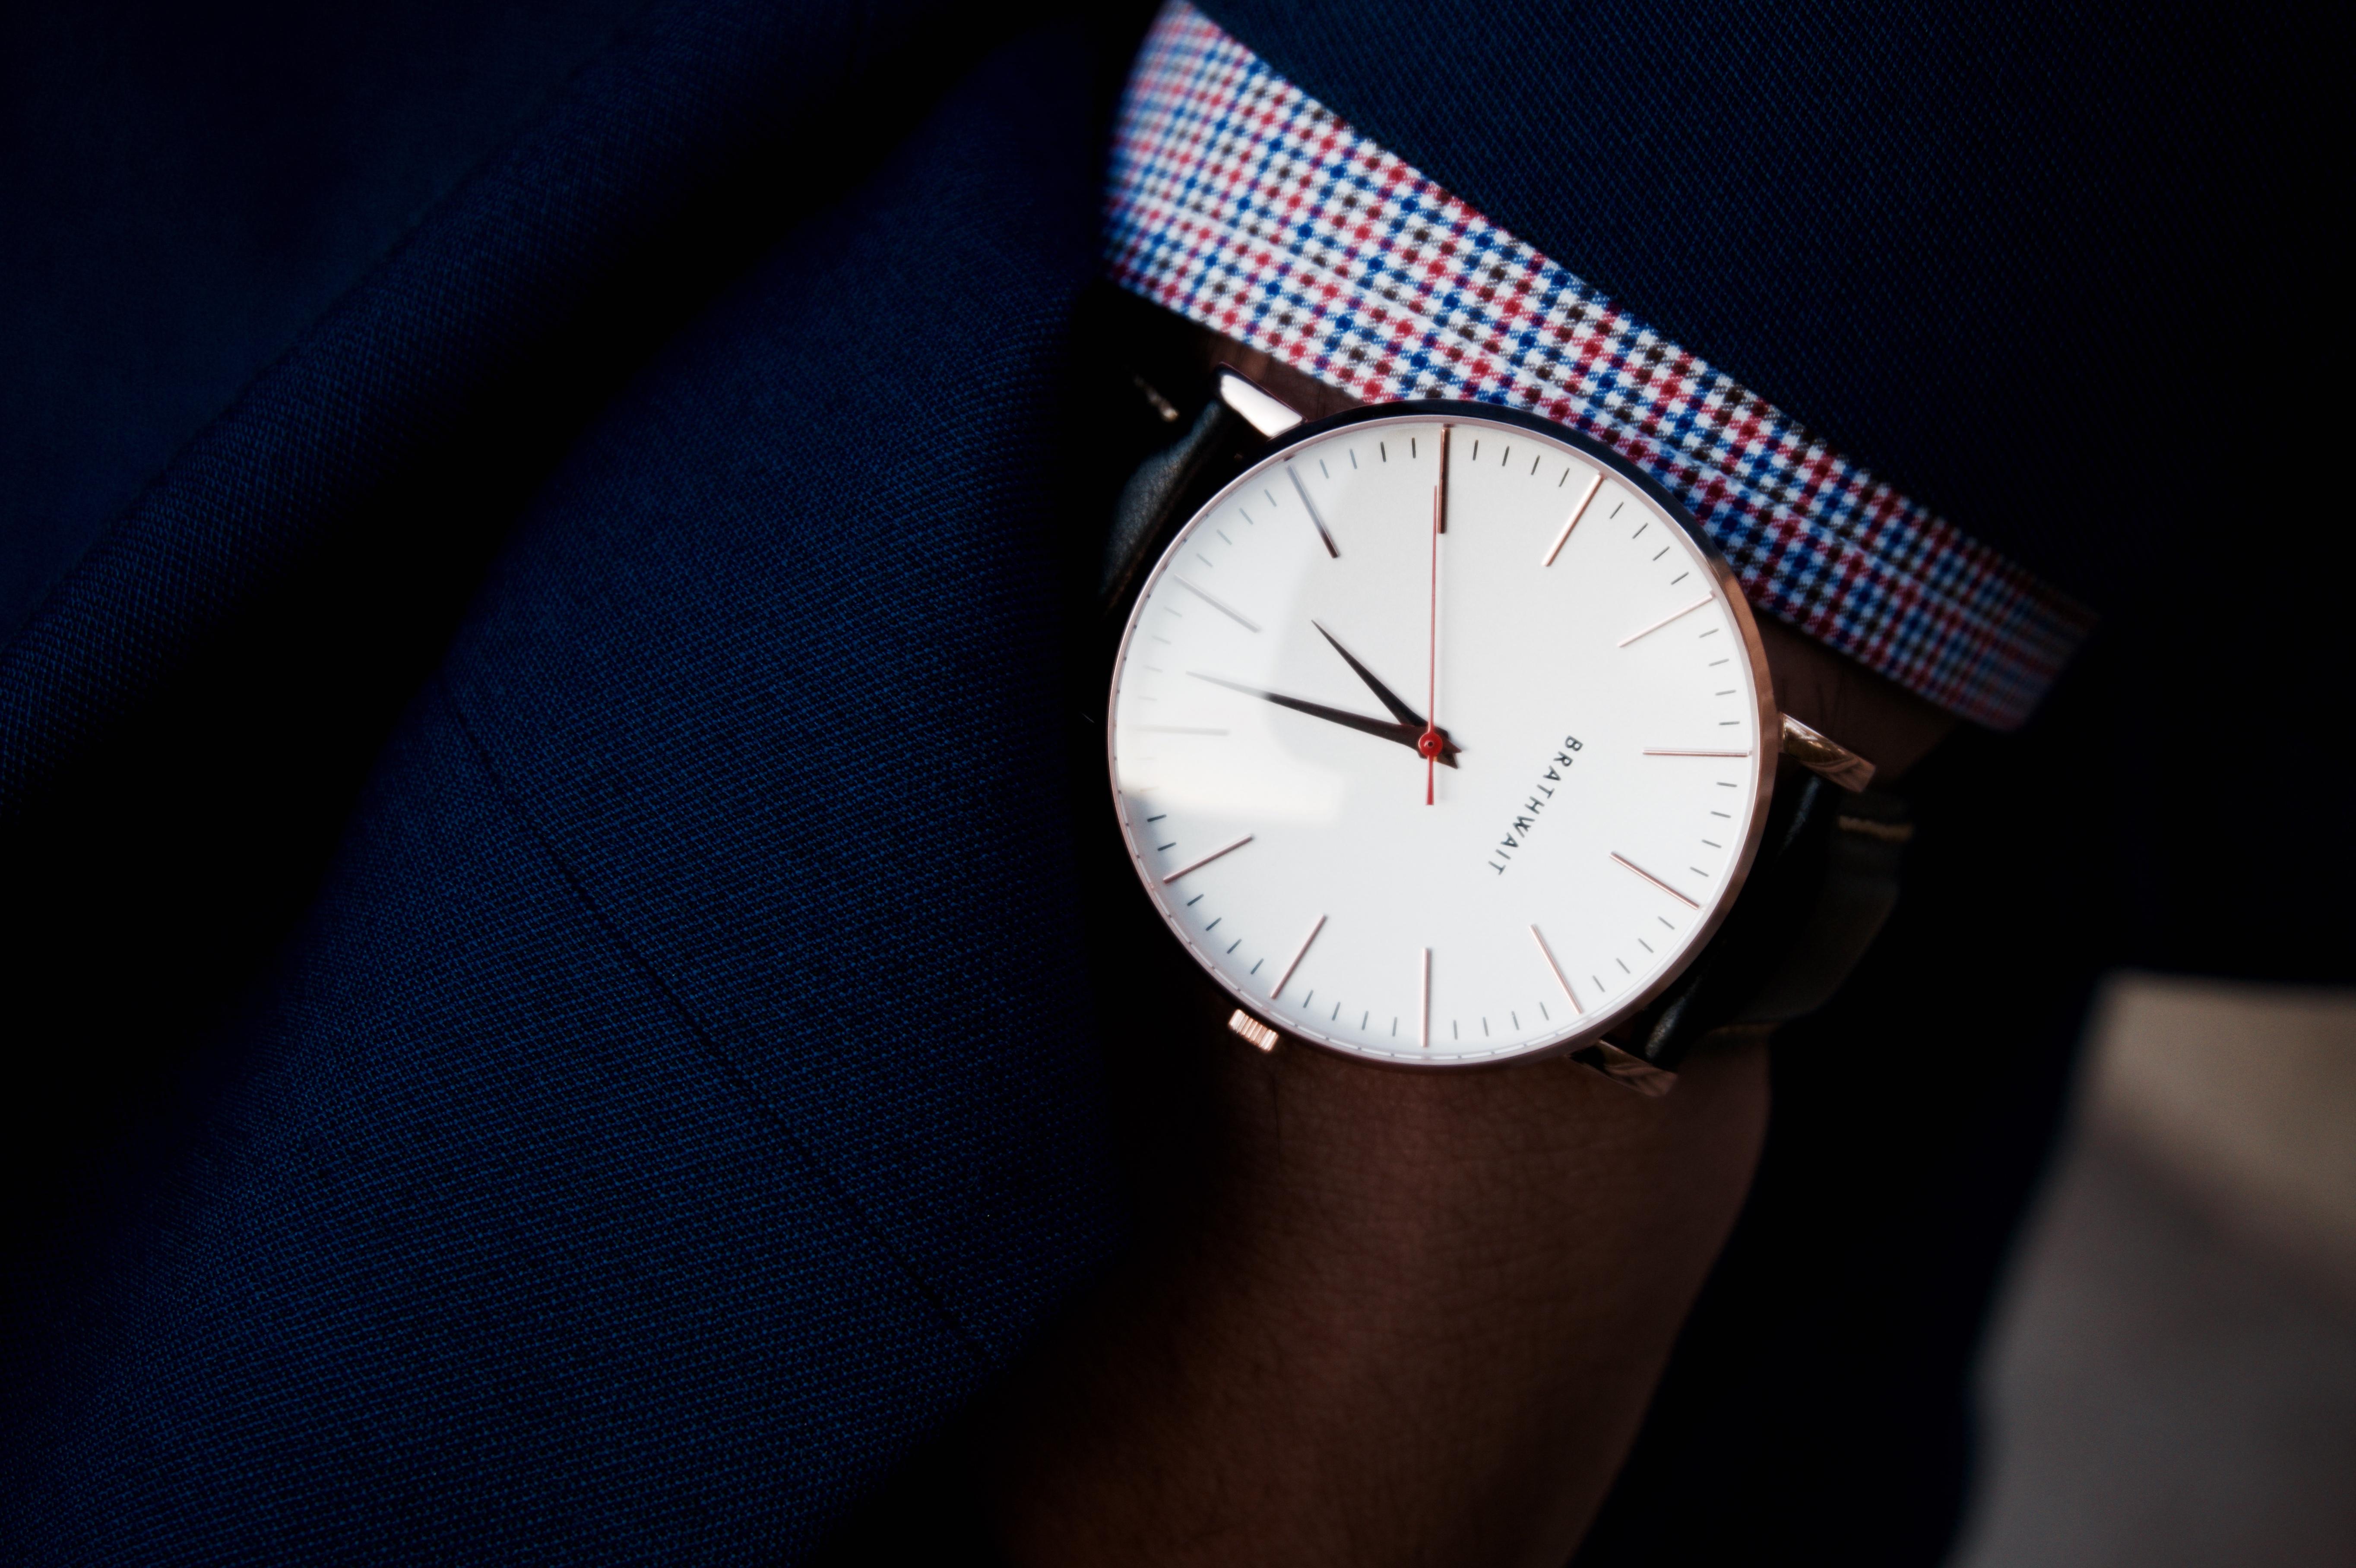 Brathwait Classic Slim Wrist Watch The Prep Guy